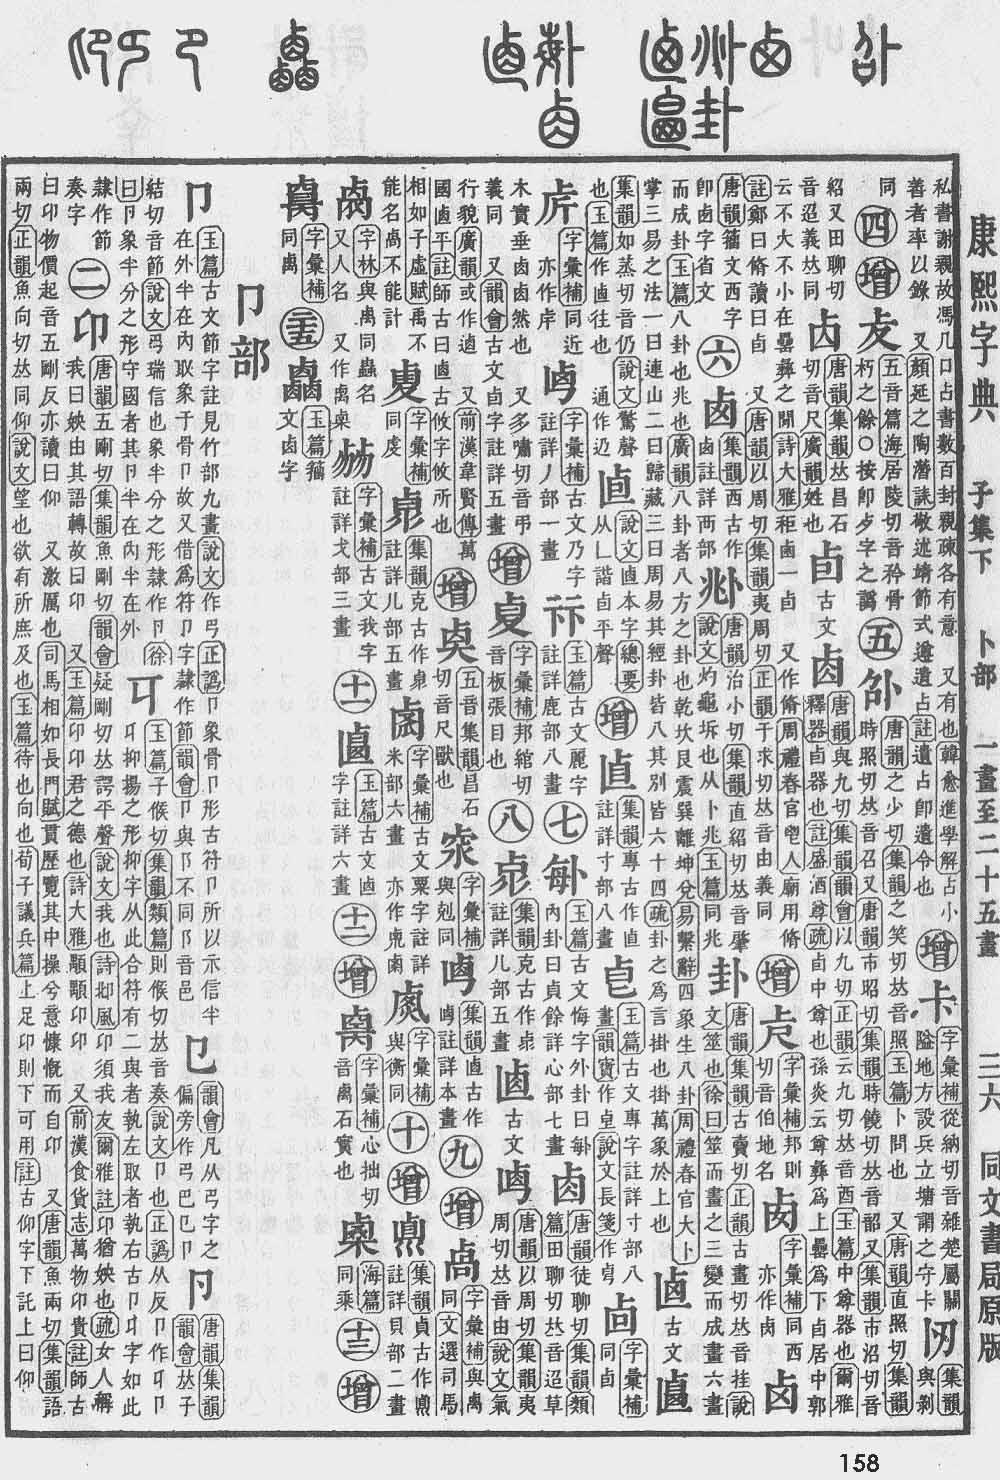 《康熙字典》第158页